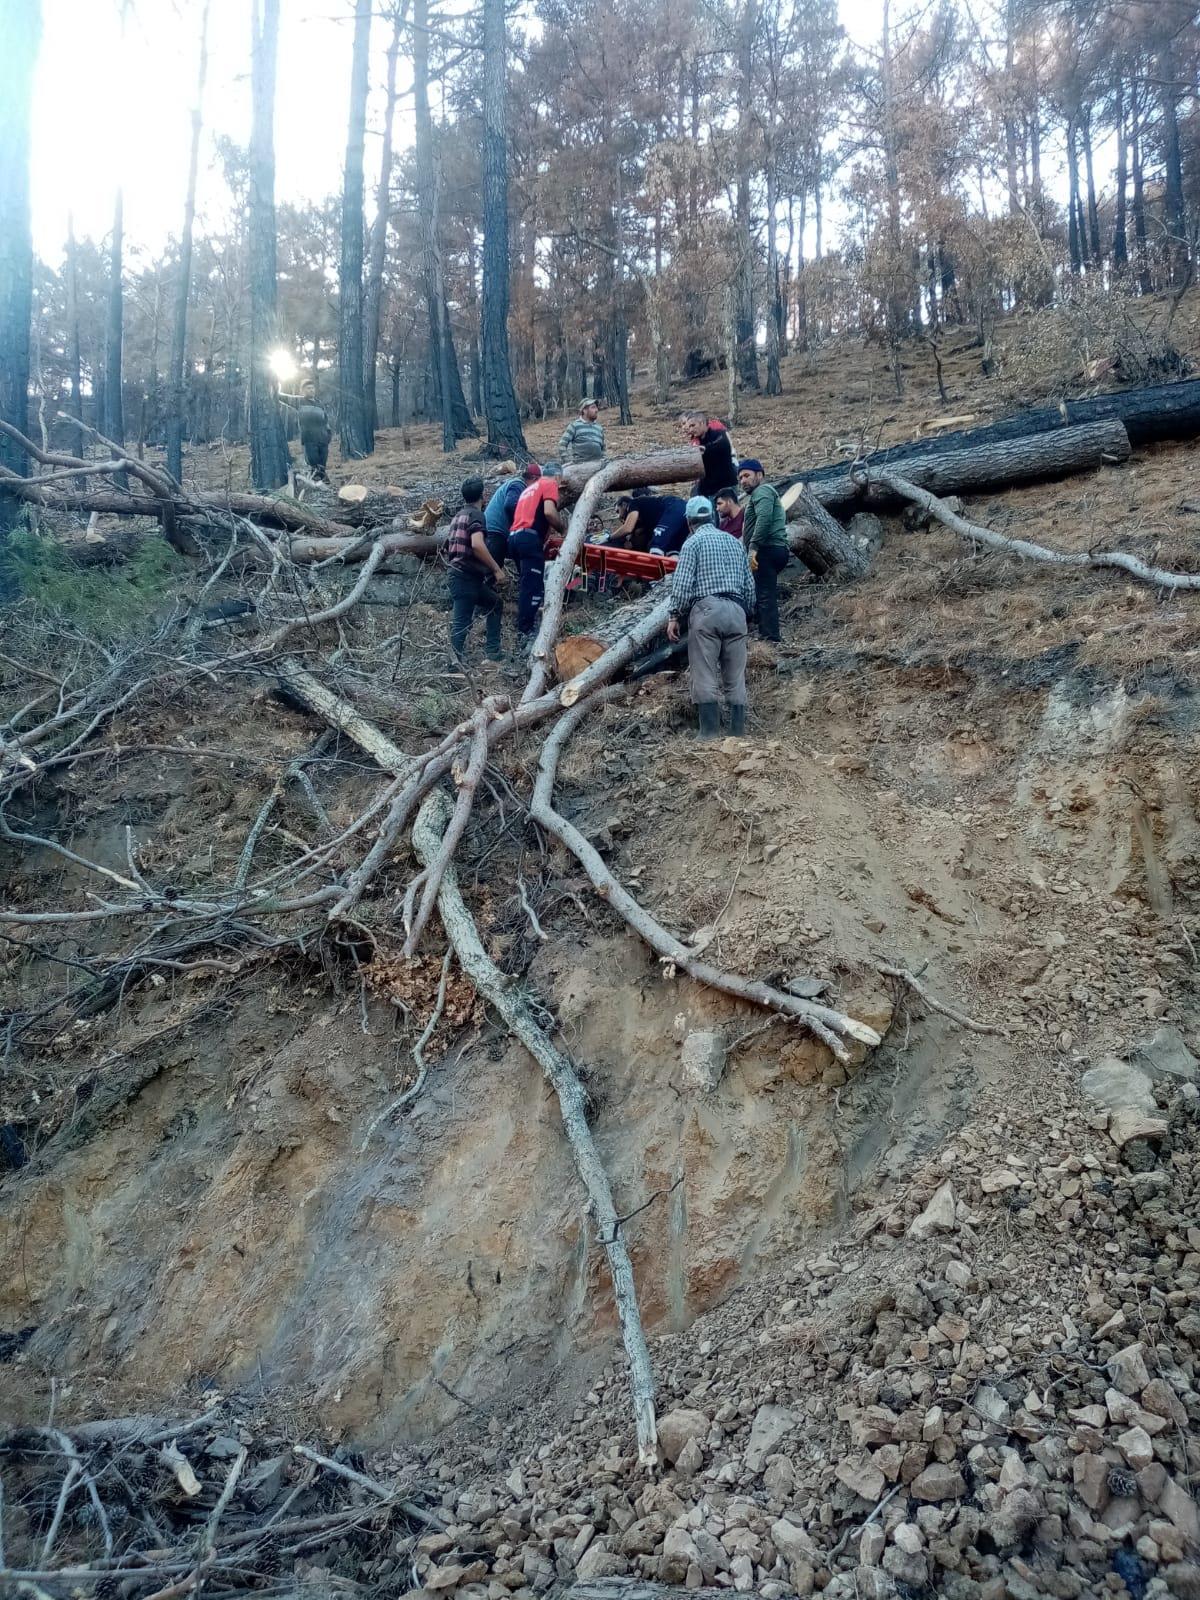 Mersin'de yaralı orman işçisi 2 kilometre sedyede taşınarak hastaneye ulaştırıldı